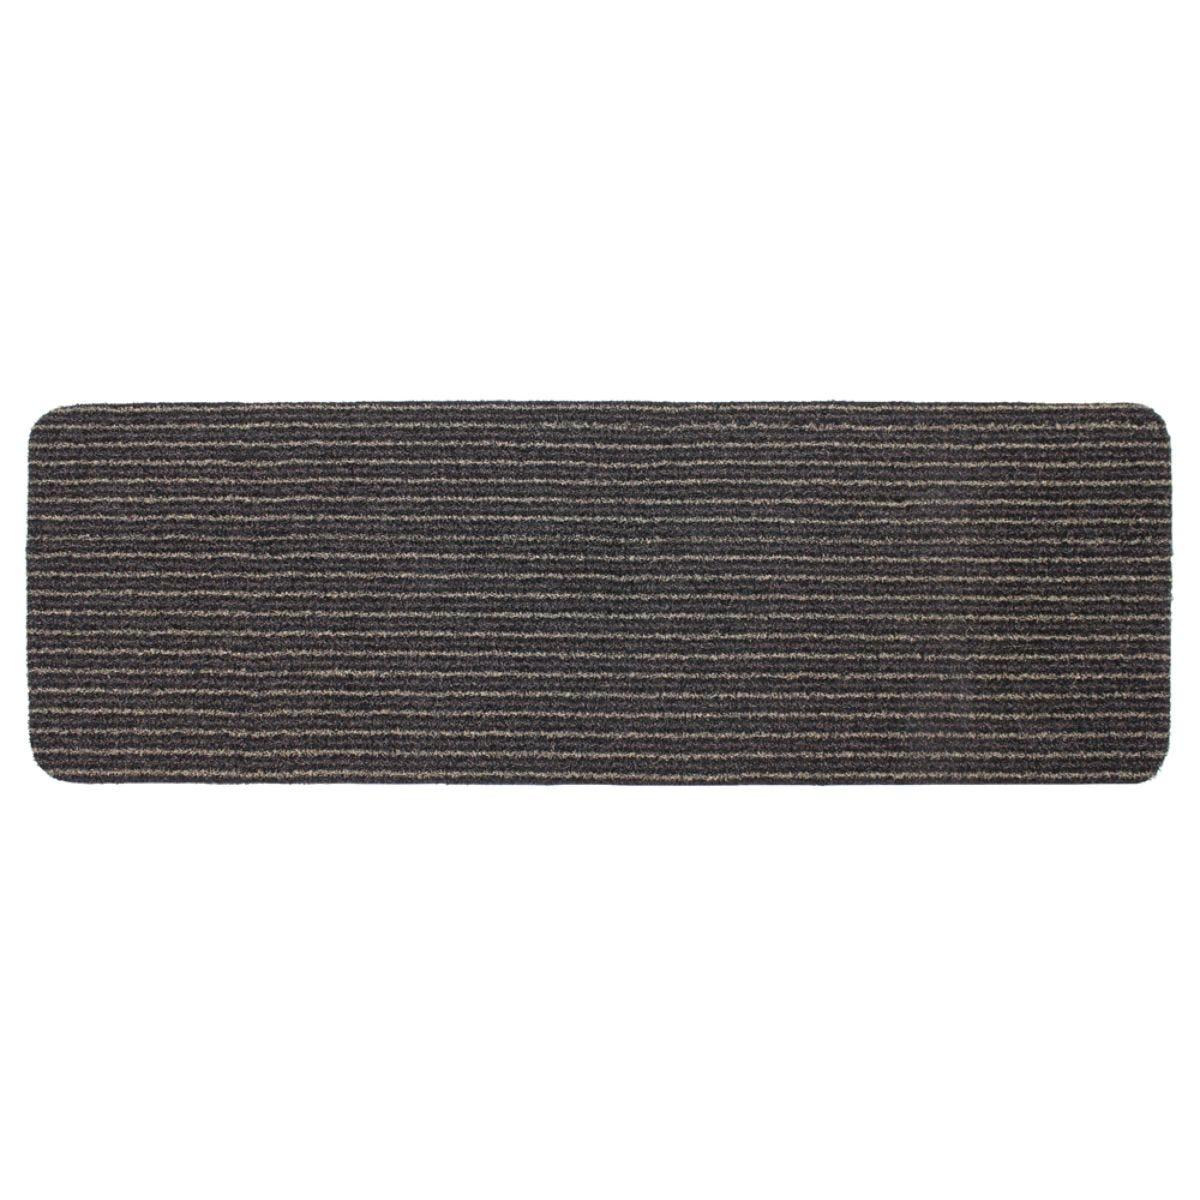 JVL Infinity Heavy Duty 50x150cm Doormat - Brown